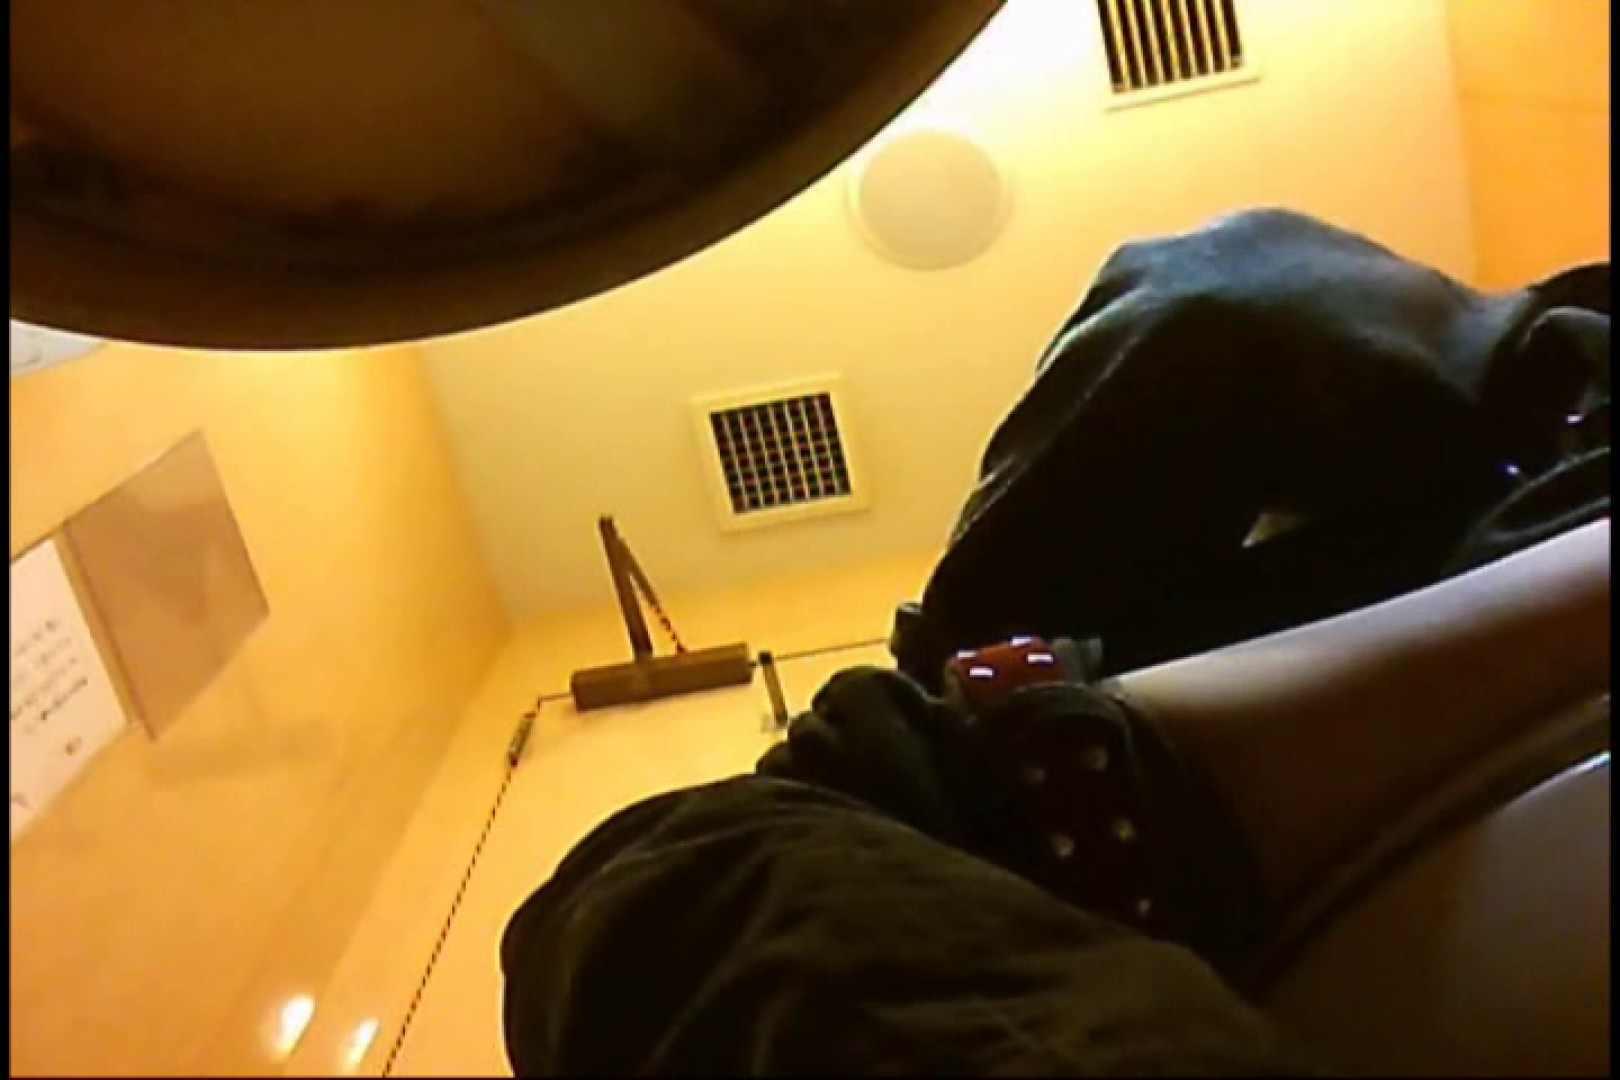 マダムが集まるデパートお手洗い Vol.14 エッチなOL オマンコ動画キャプチャ 105枚 44